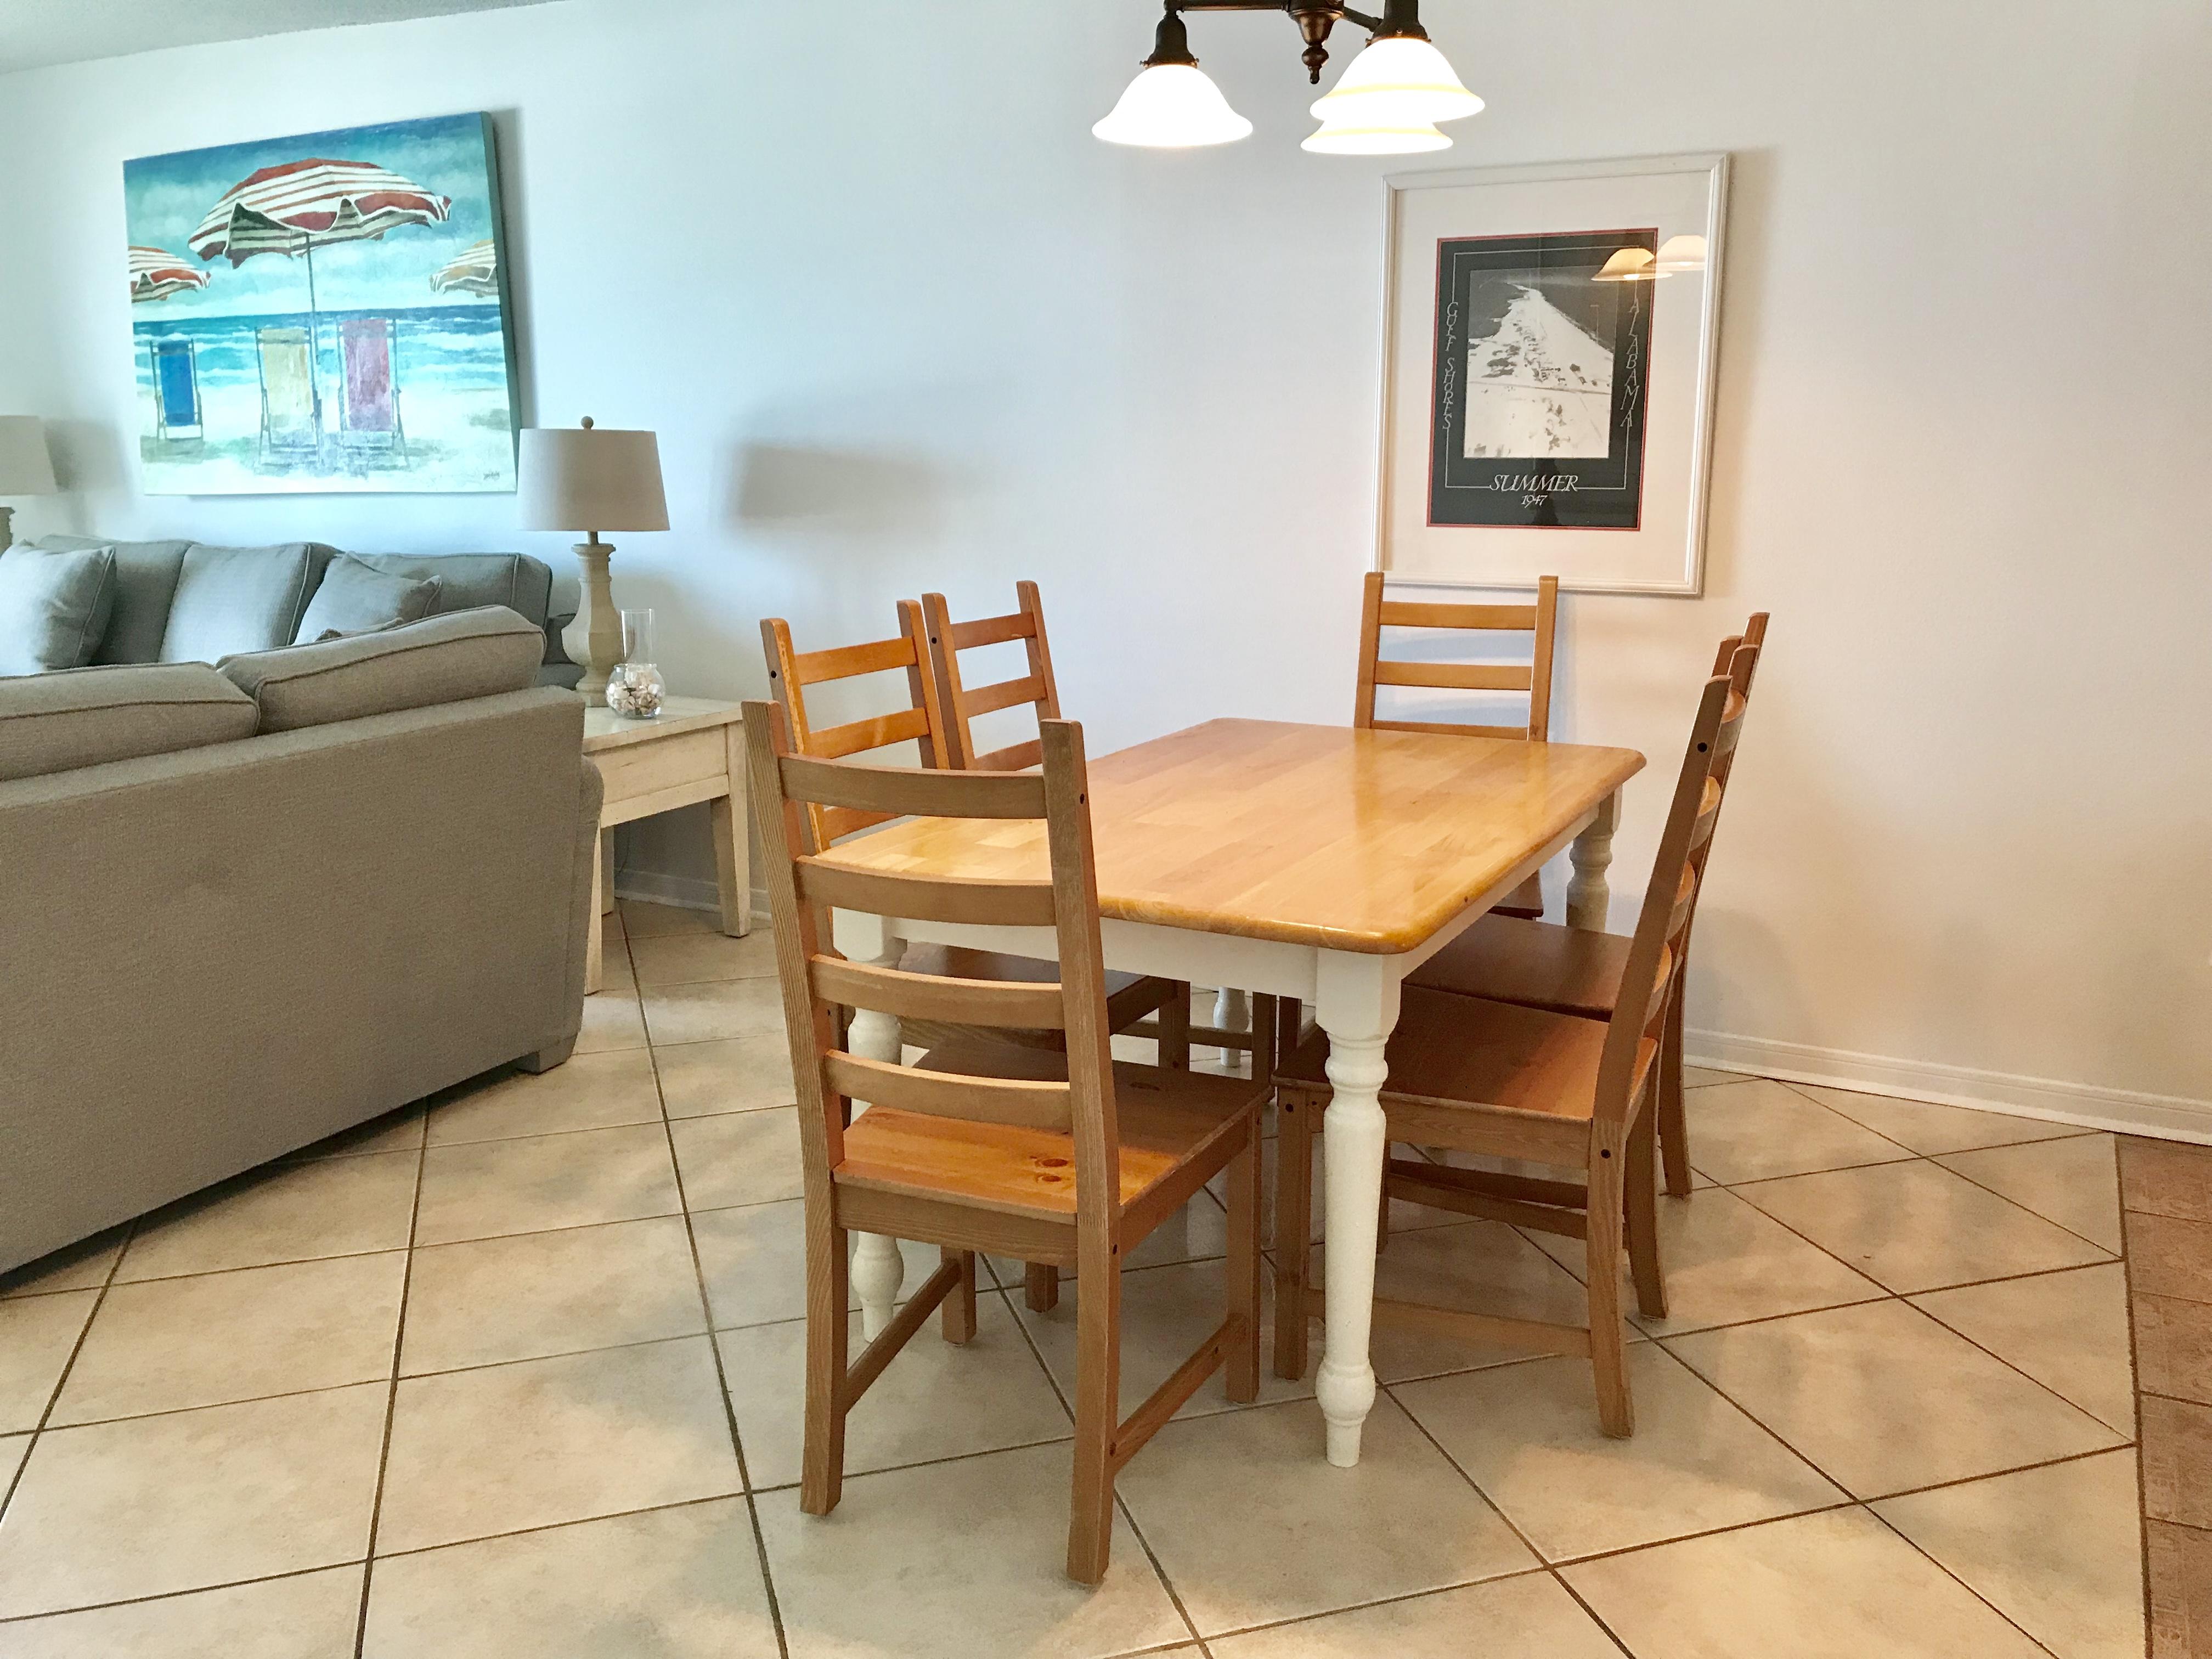 Ocean House 2403 Condo rental in Ocean House - Gulf Shores in Gulf Shores Alabama - #16